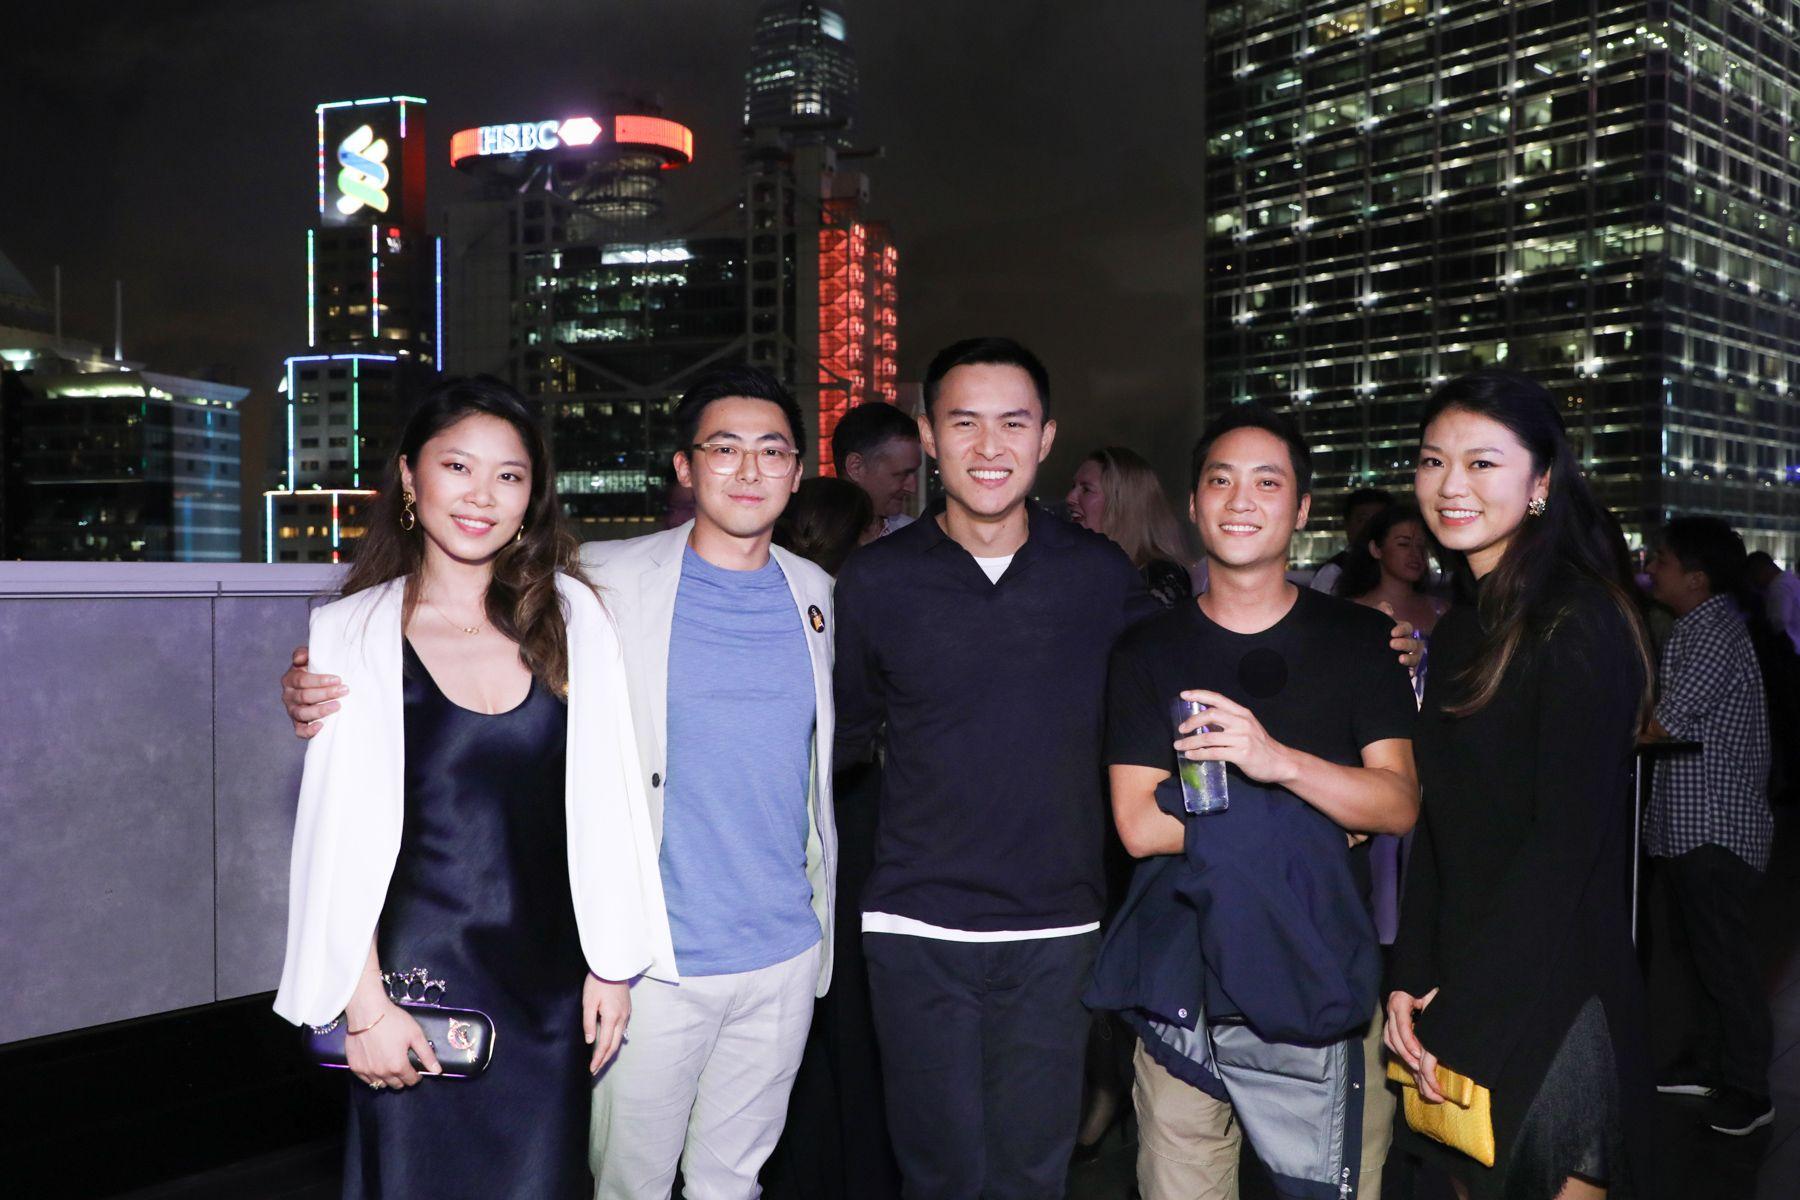 Elaine Lu, Vince Lim, Alexander Ng, Nelson Ng, Tania Tsang